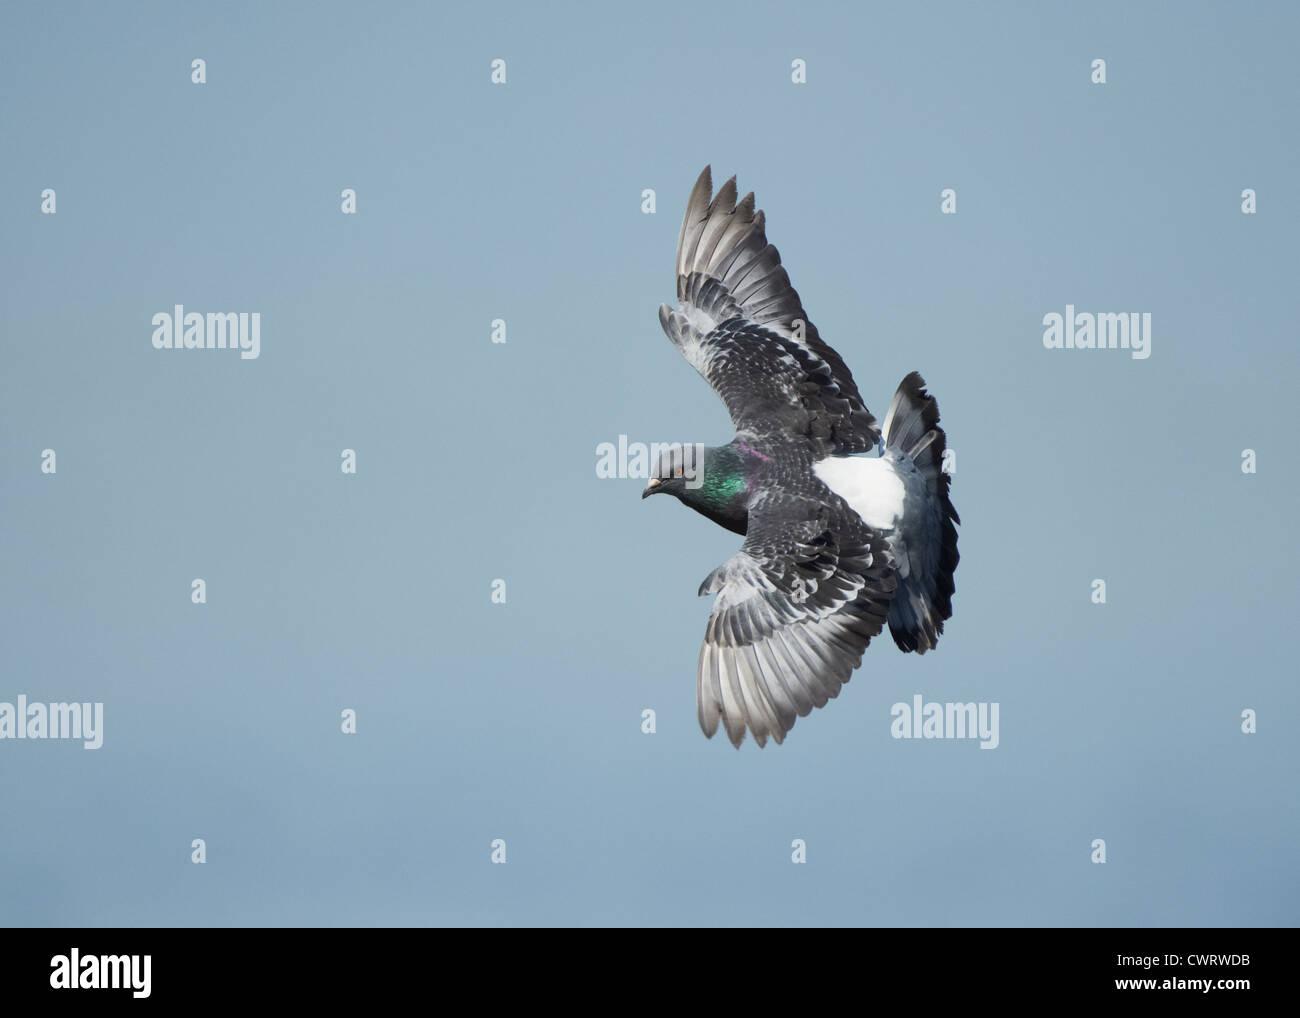 Racing Pigeon Stock Photos & Racing Pigeon Stock Images - Alamy